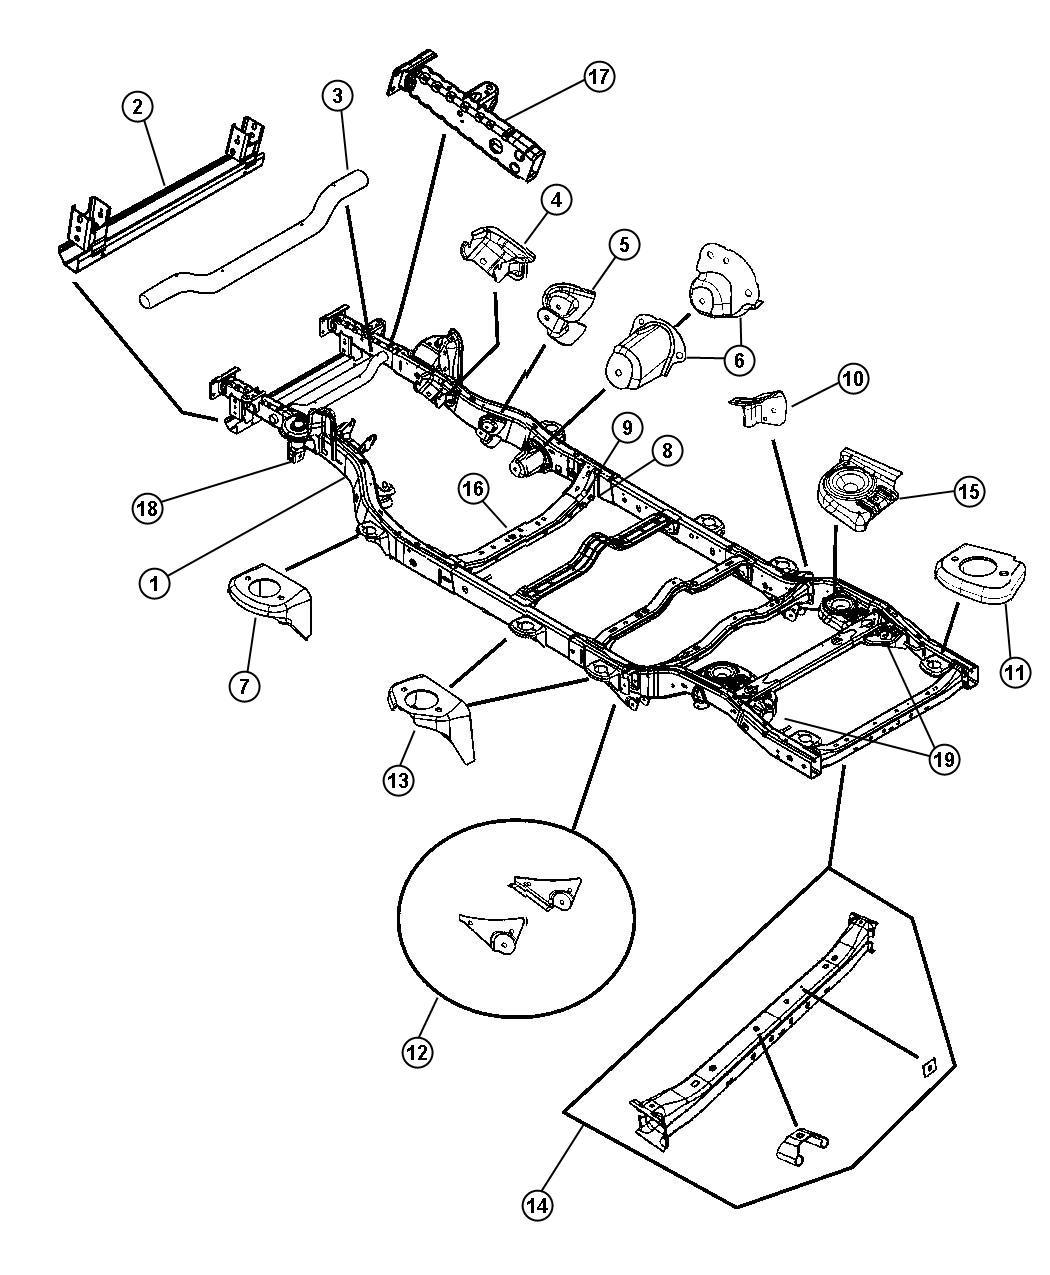 jeep jk transmission wiring harness